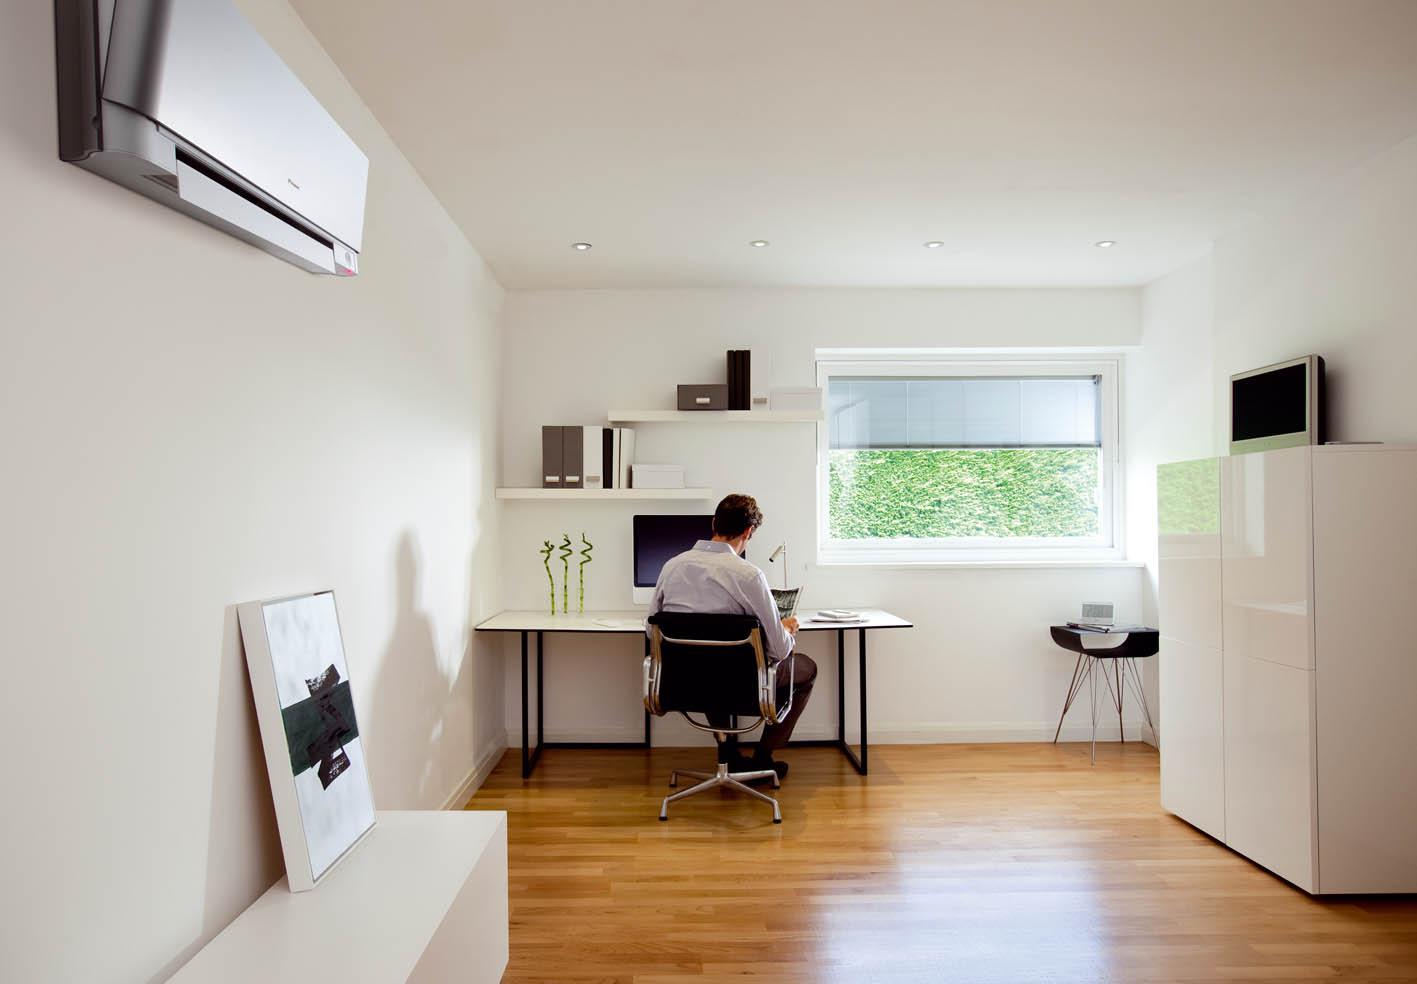 Daikin giới thiệu giải pháp và công nghệ năng lượng hiệu quả cho các tòa nhà